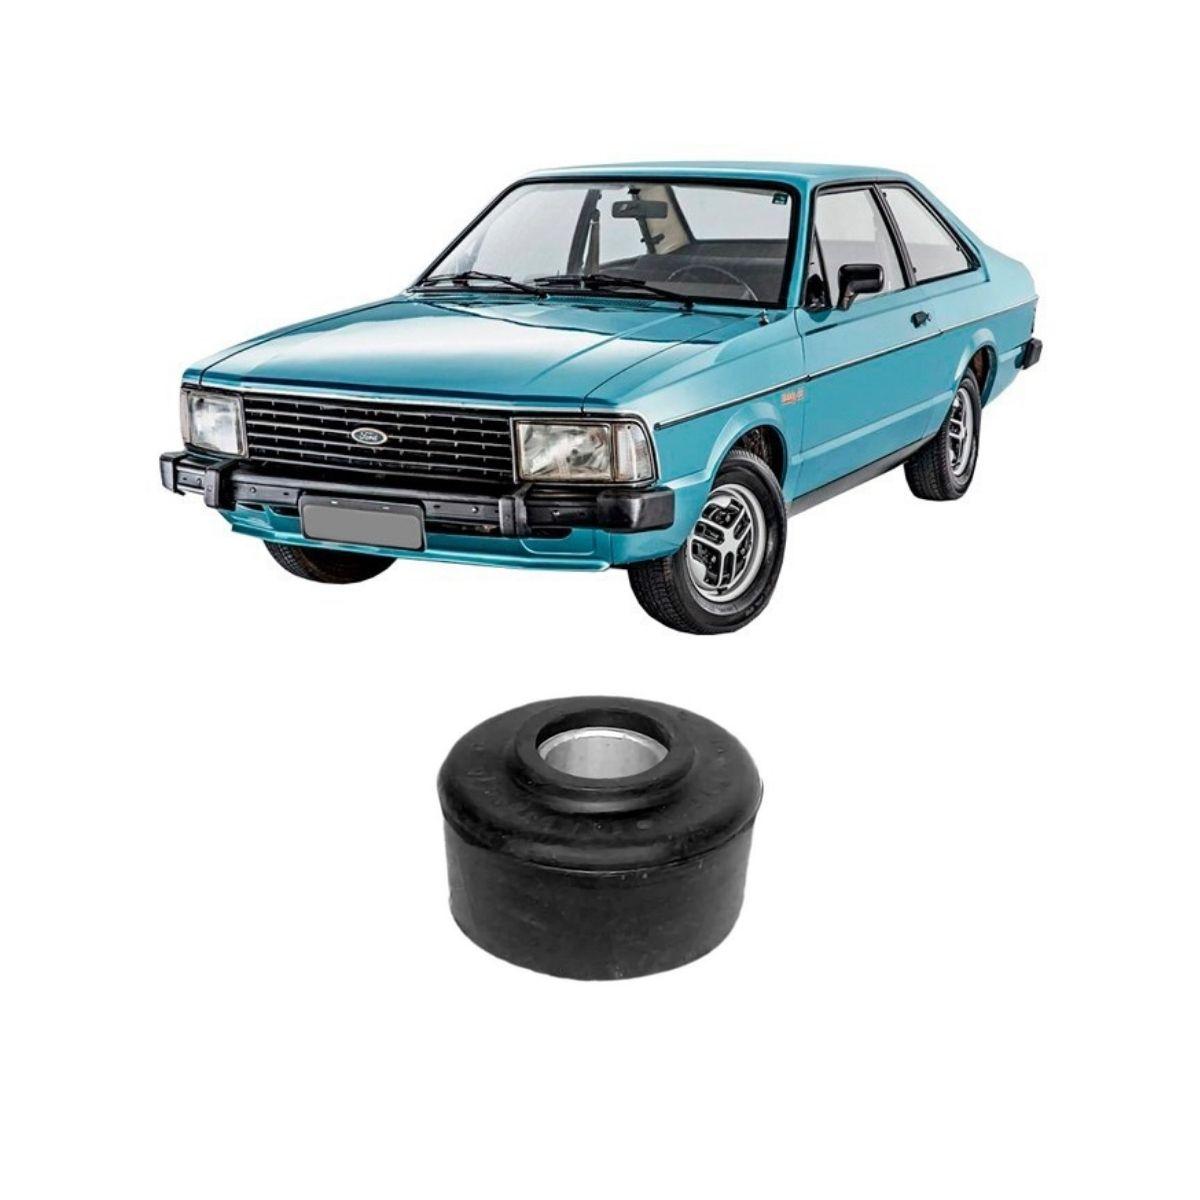 Bucha Do Braço Tensor Suspensão Dianteira Ford Corcel 77/84